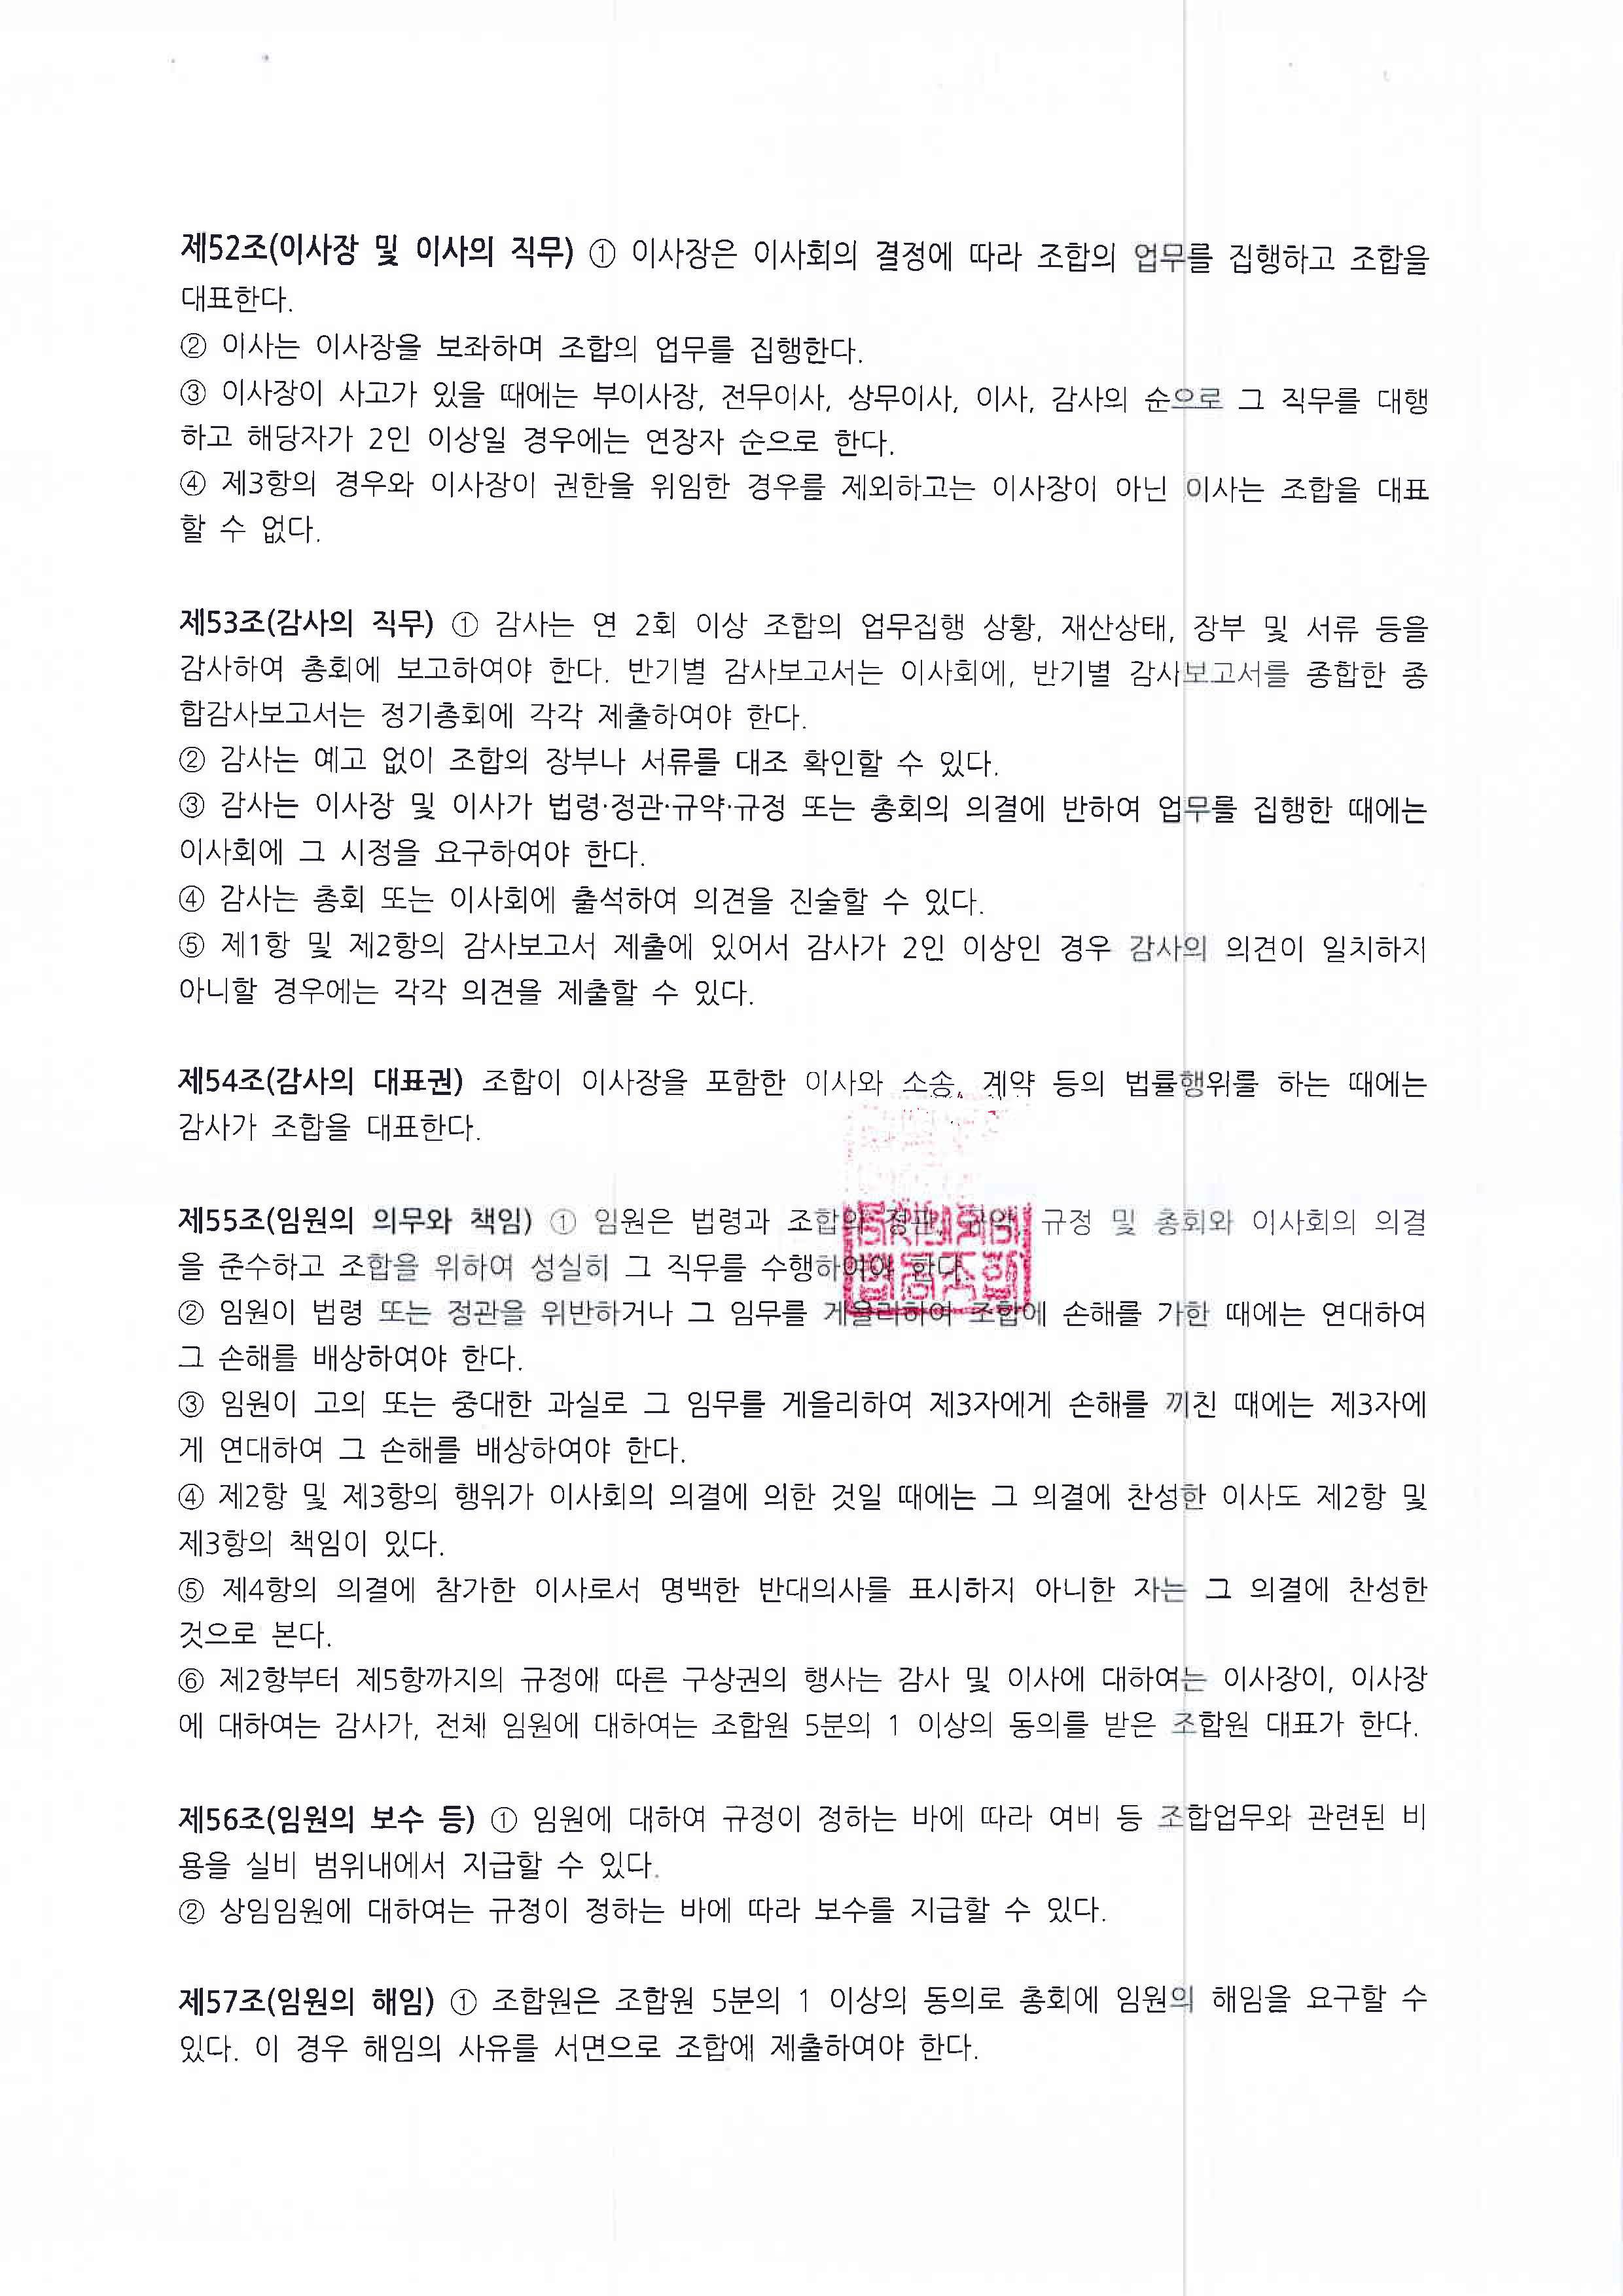 정관(20차 총회 개정안 반영)-원본대조필_페이지_13.jpg